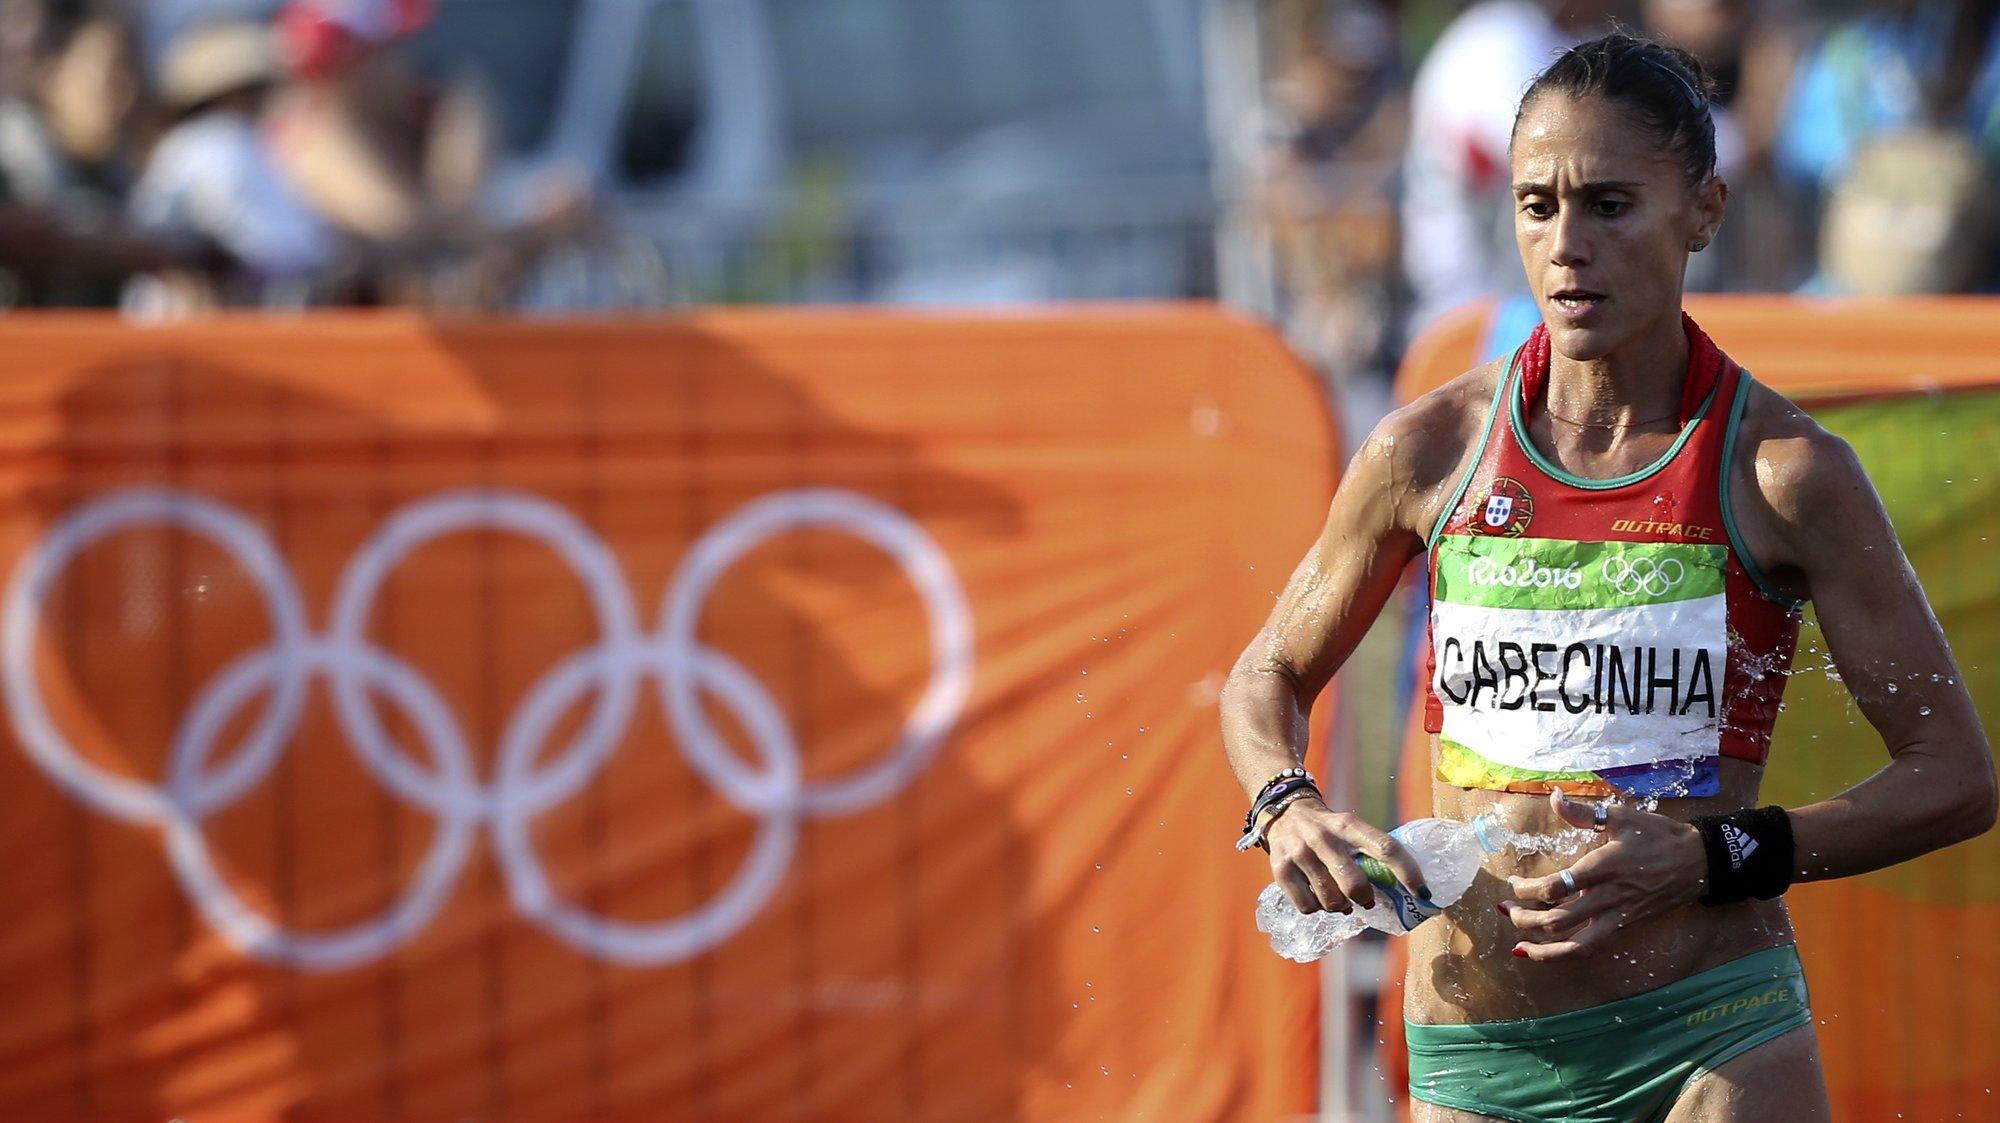 A atleta portuguesa Ana Cabecinha, em ação na prova dos 20 km marcha dos Jogos Olímpicos Rio 2016, disputada no Rio de Janeiro, Brasil, 19 de agosto de 2016. A XXI edição dos Jogos Olímpicos da Era Moderna, decorrem no Brasil entre os dias 06 - 21 de agosto. ANTÓNIO COTRIM/LUSA